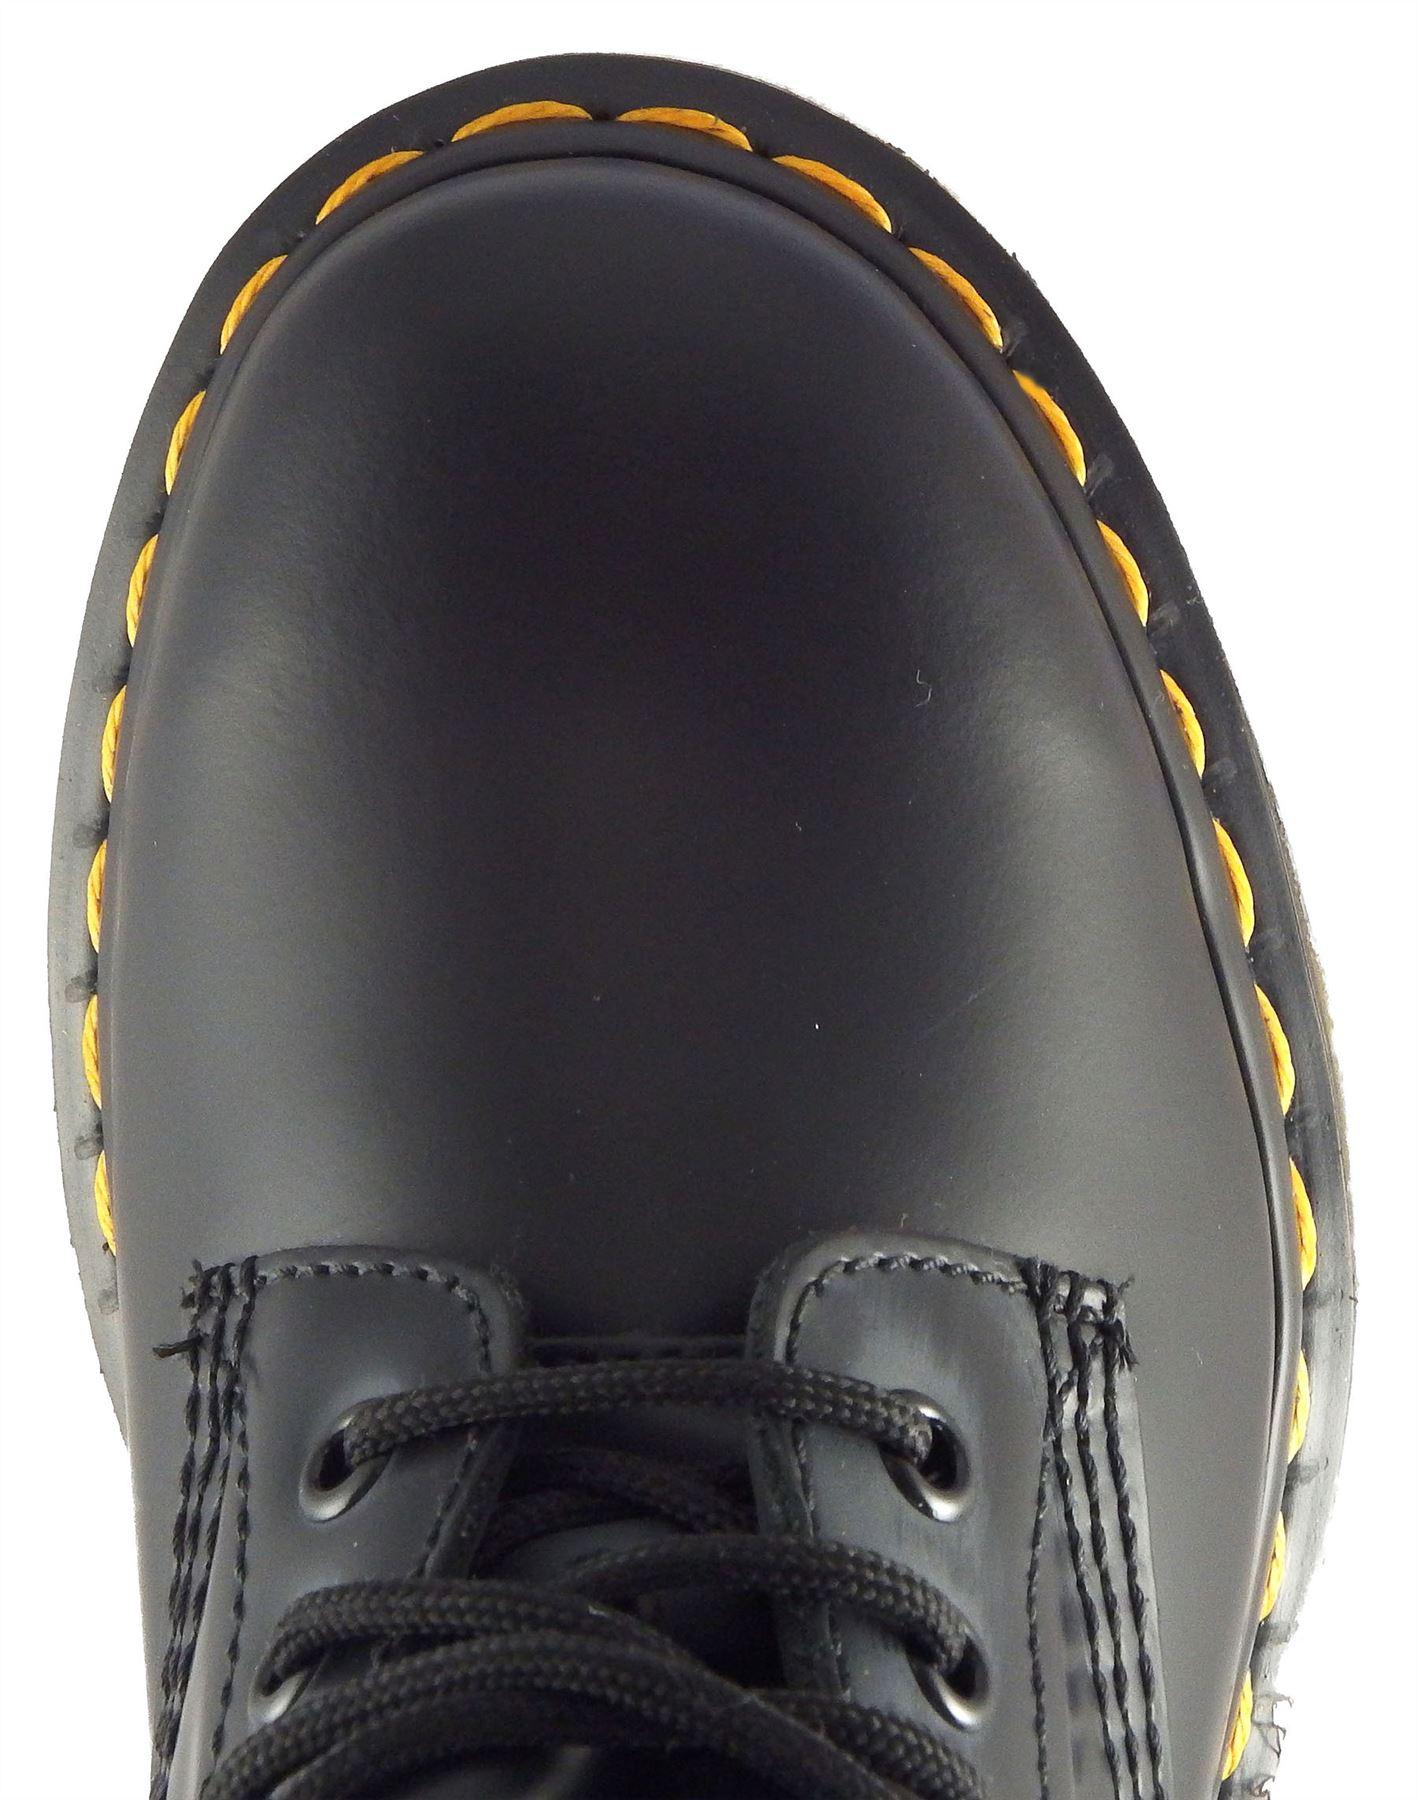 Dr Martens Martens Martens Unisex 1490 Smooth Leder Classic 10 Eye Lace UP Hi Ankle Stiefel 99fa64